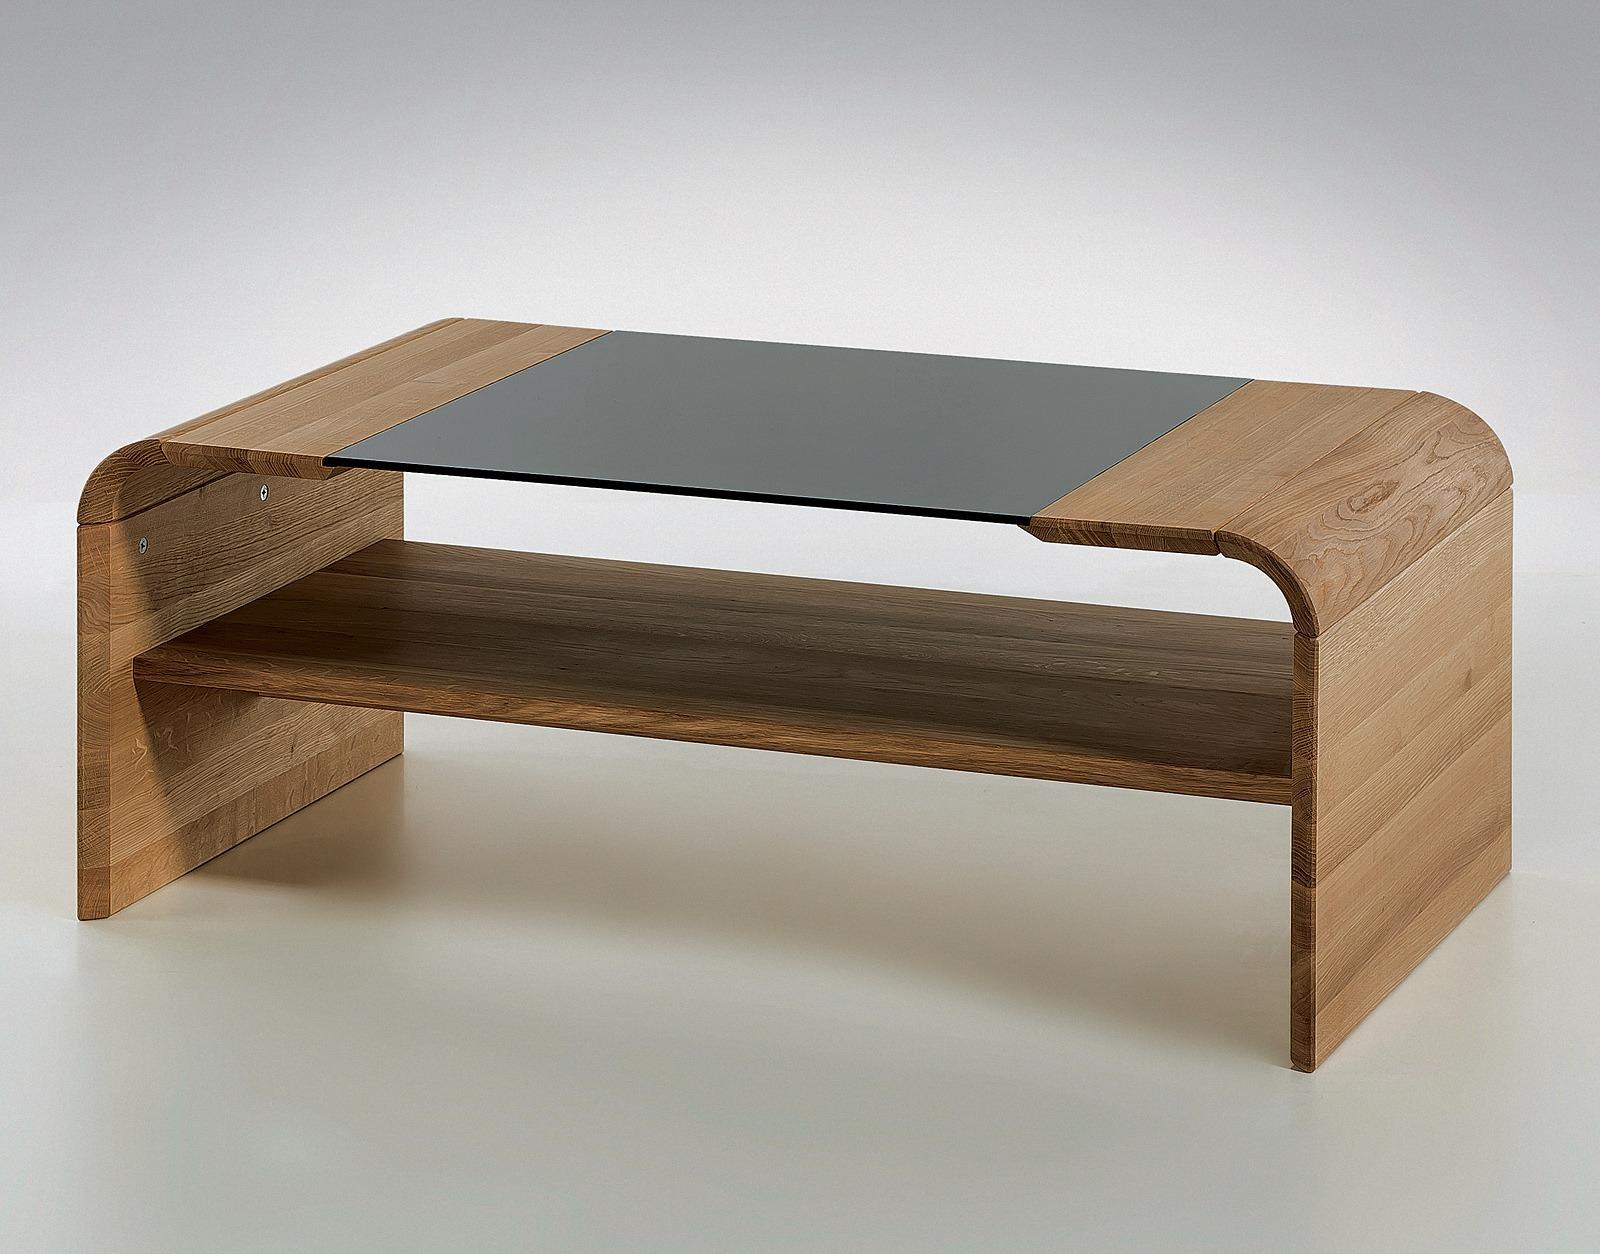 couchtisch ohne ecken couchtisch ohne ecken amazing. Black Bedroom Furniture Sets. Home Design Ideas